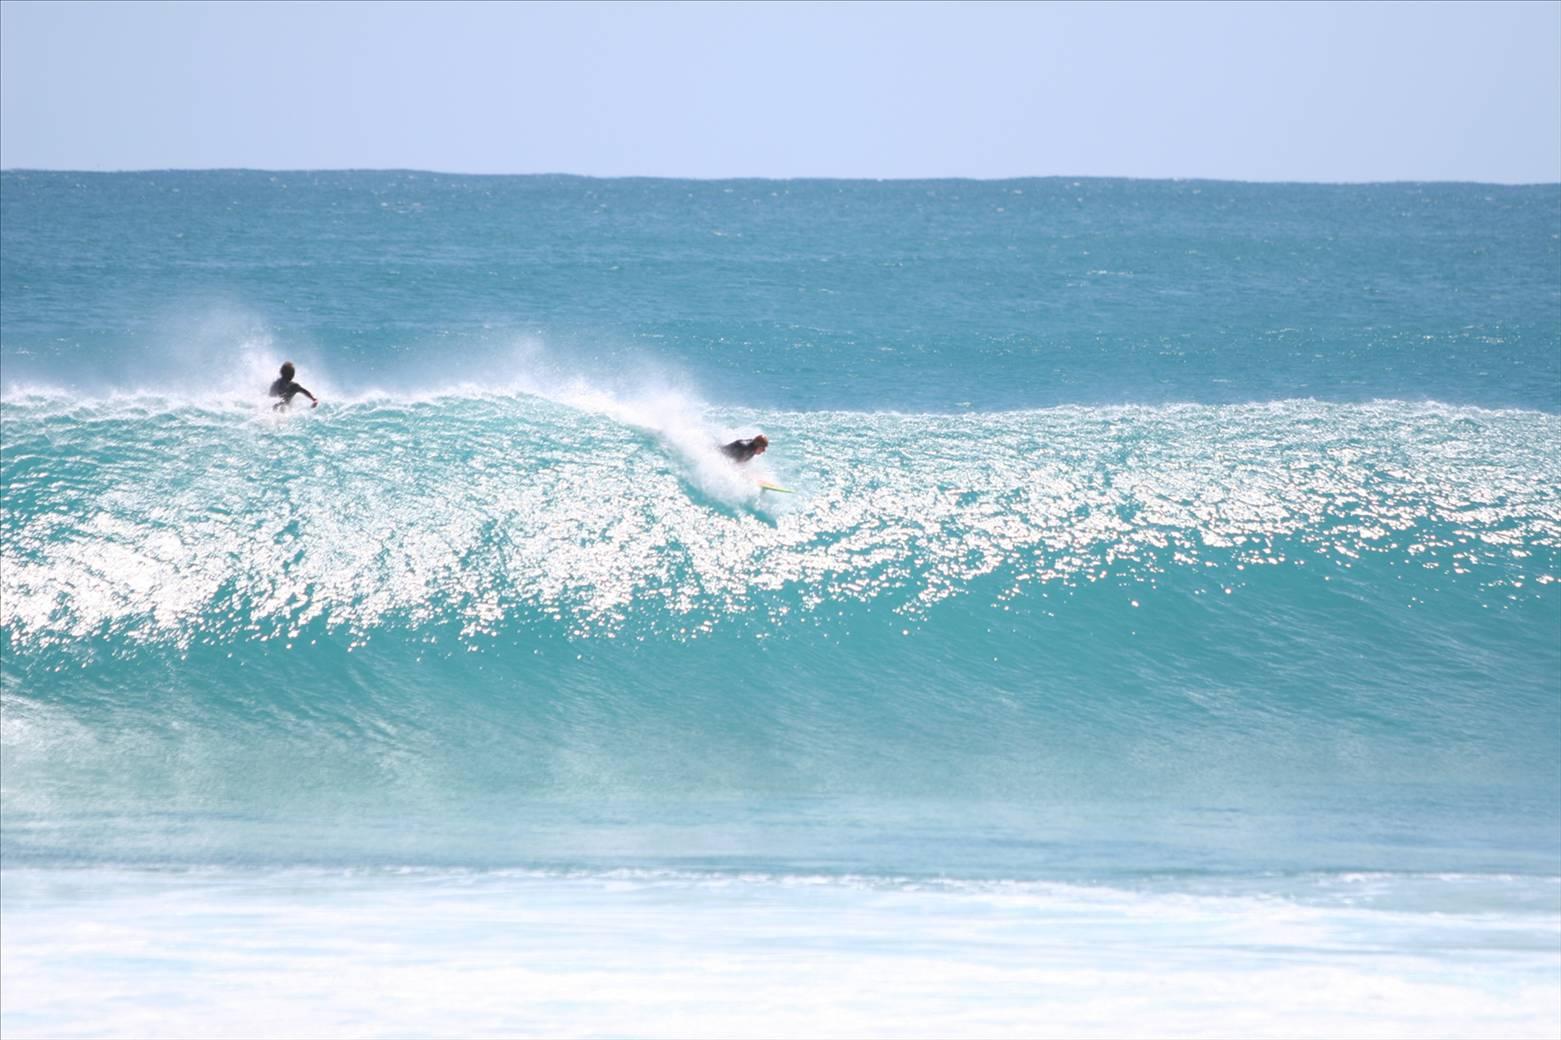 Surfing 09--25-7 Red Bluff 312 Photo